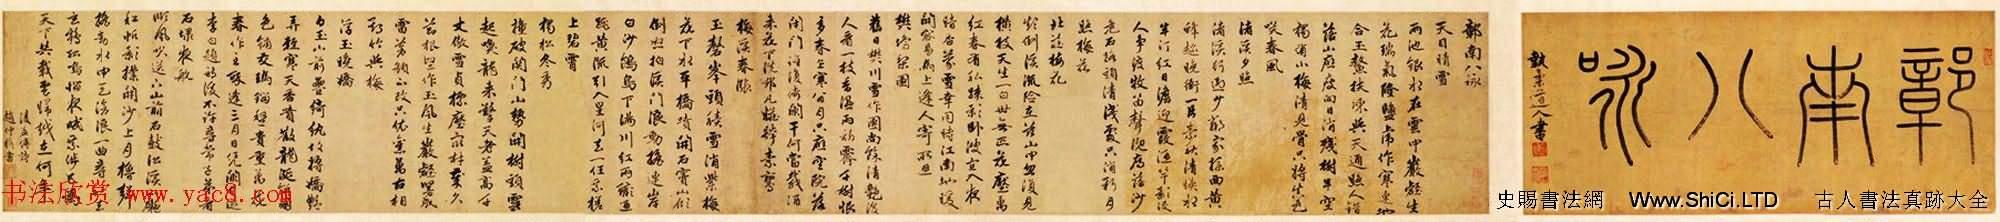 趙孟頫之子趙雍行書手卷《彰南八詠詩》(共9張圖片)